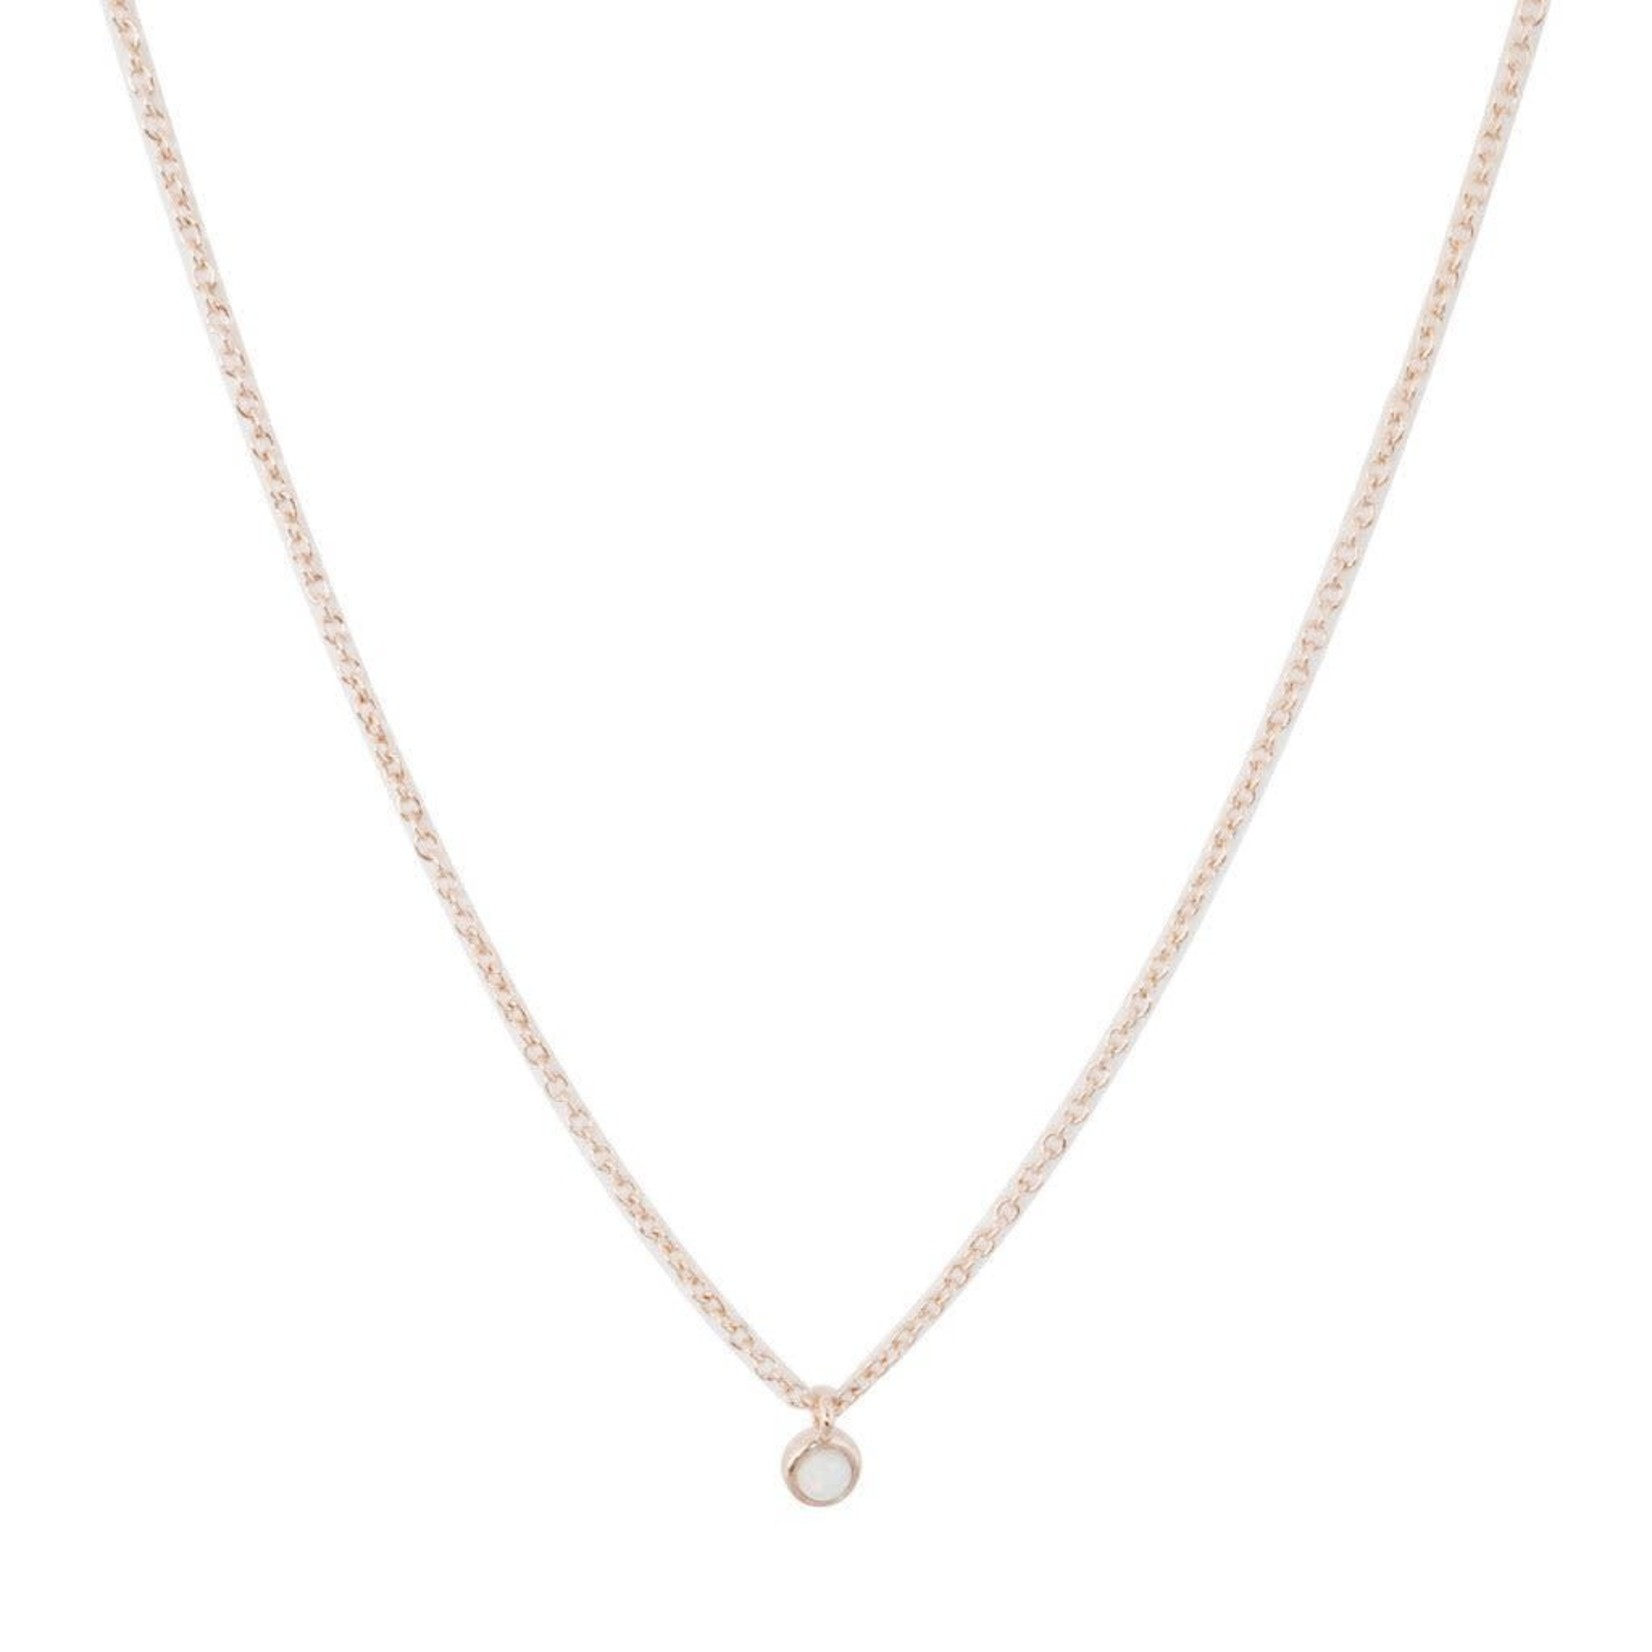 Honeycat Jewelry Honeycat Opal Bezel Set Necklace